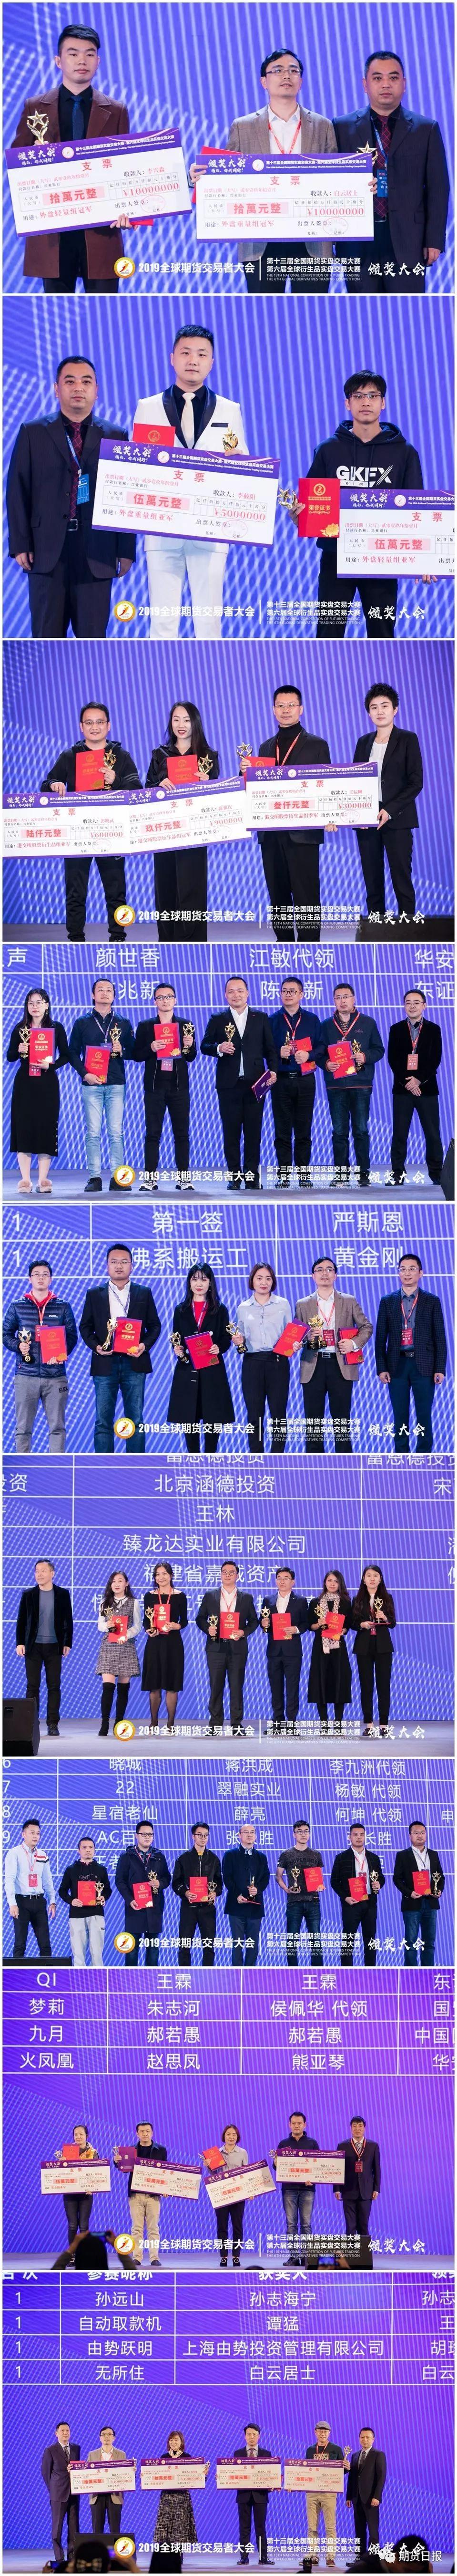 鼎博平台网址_中超补赛战报及最新积分榜:国安亚冠不是梦,鲁能保级轻松!